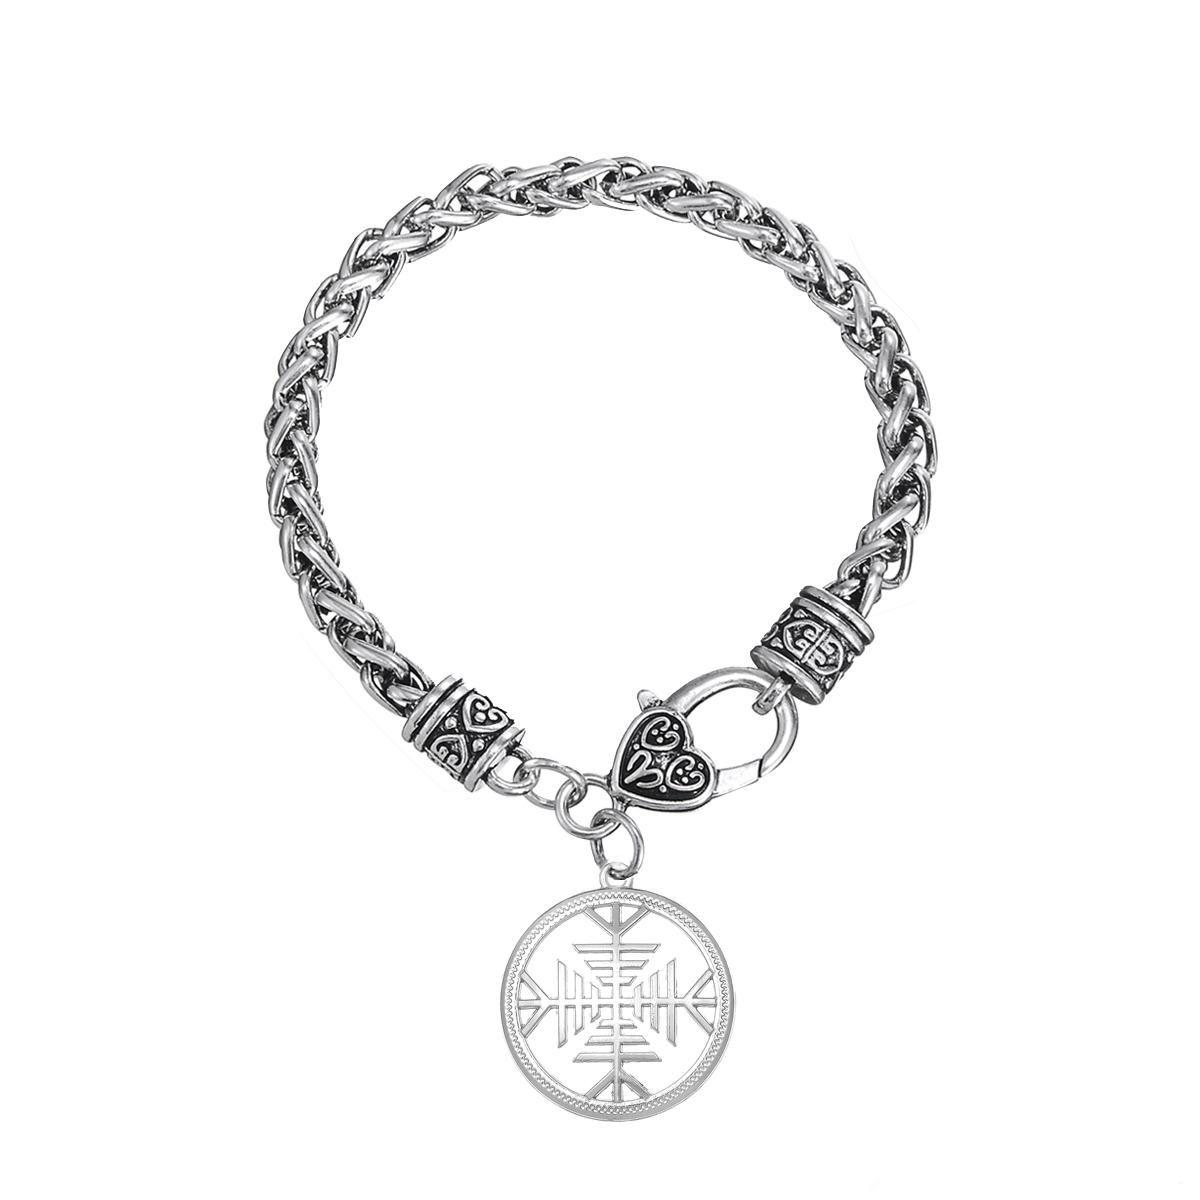 Heißesten Zink-legierung Nickel und Bleifrei Exquisite Hohl Amulett Knoten Armbänder Für Frauen Charme Armband Modeschmuck